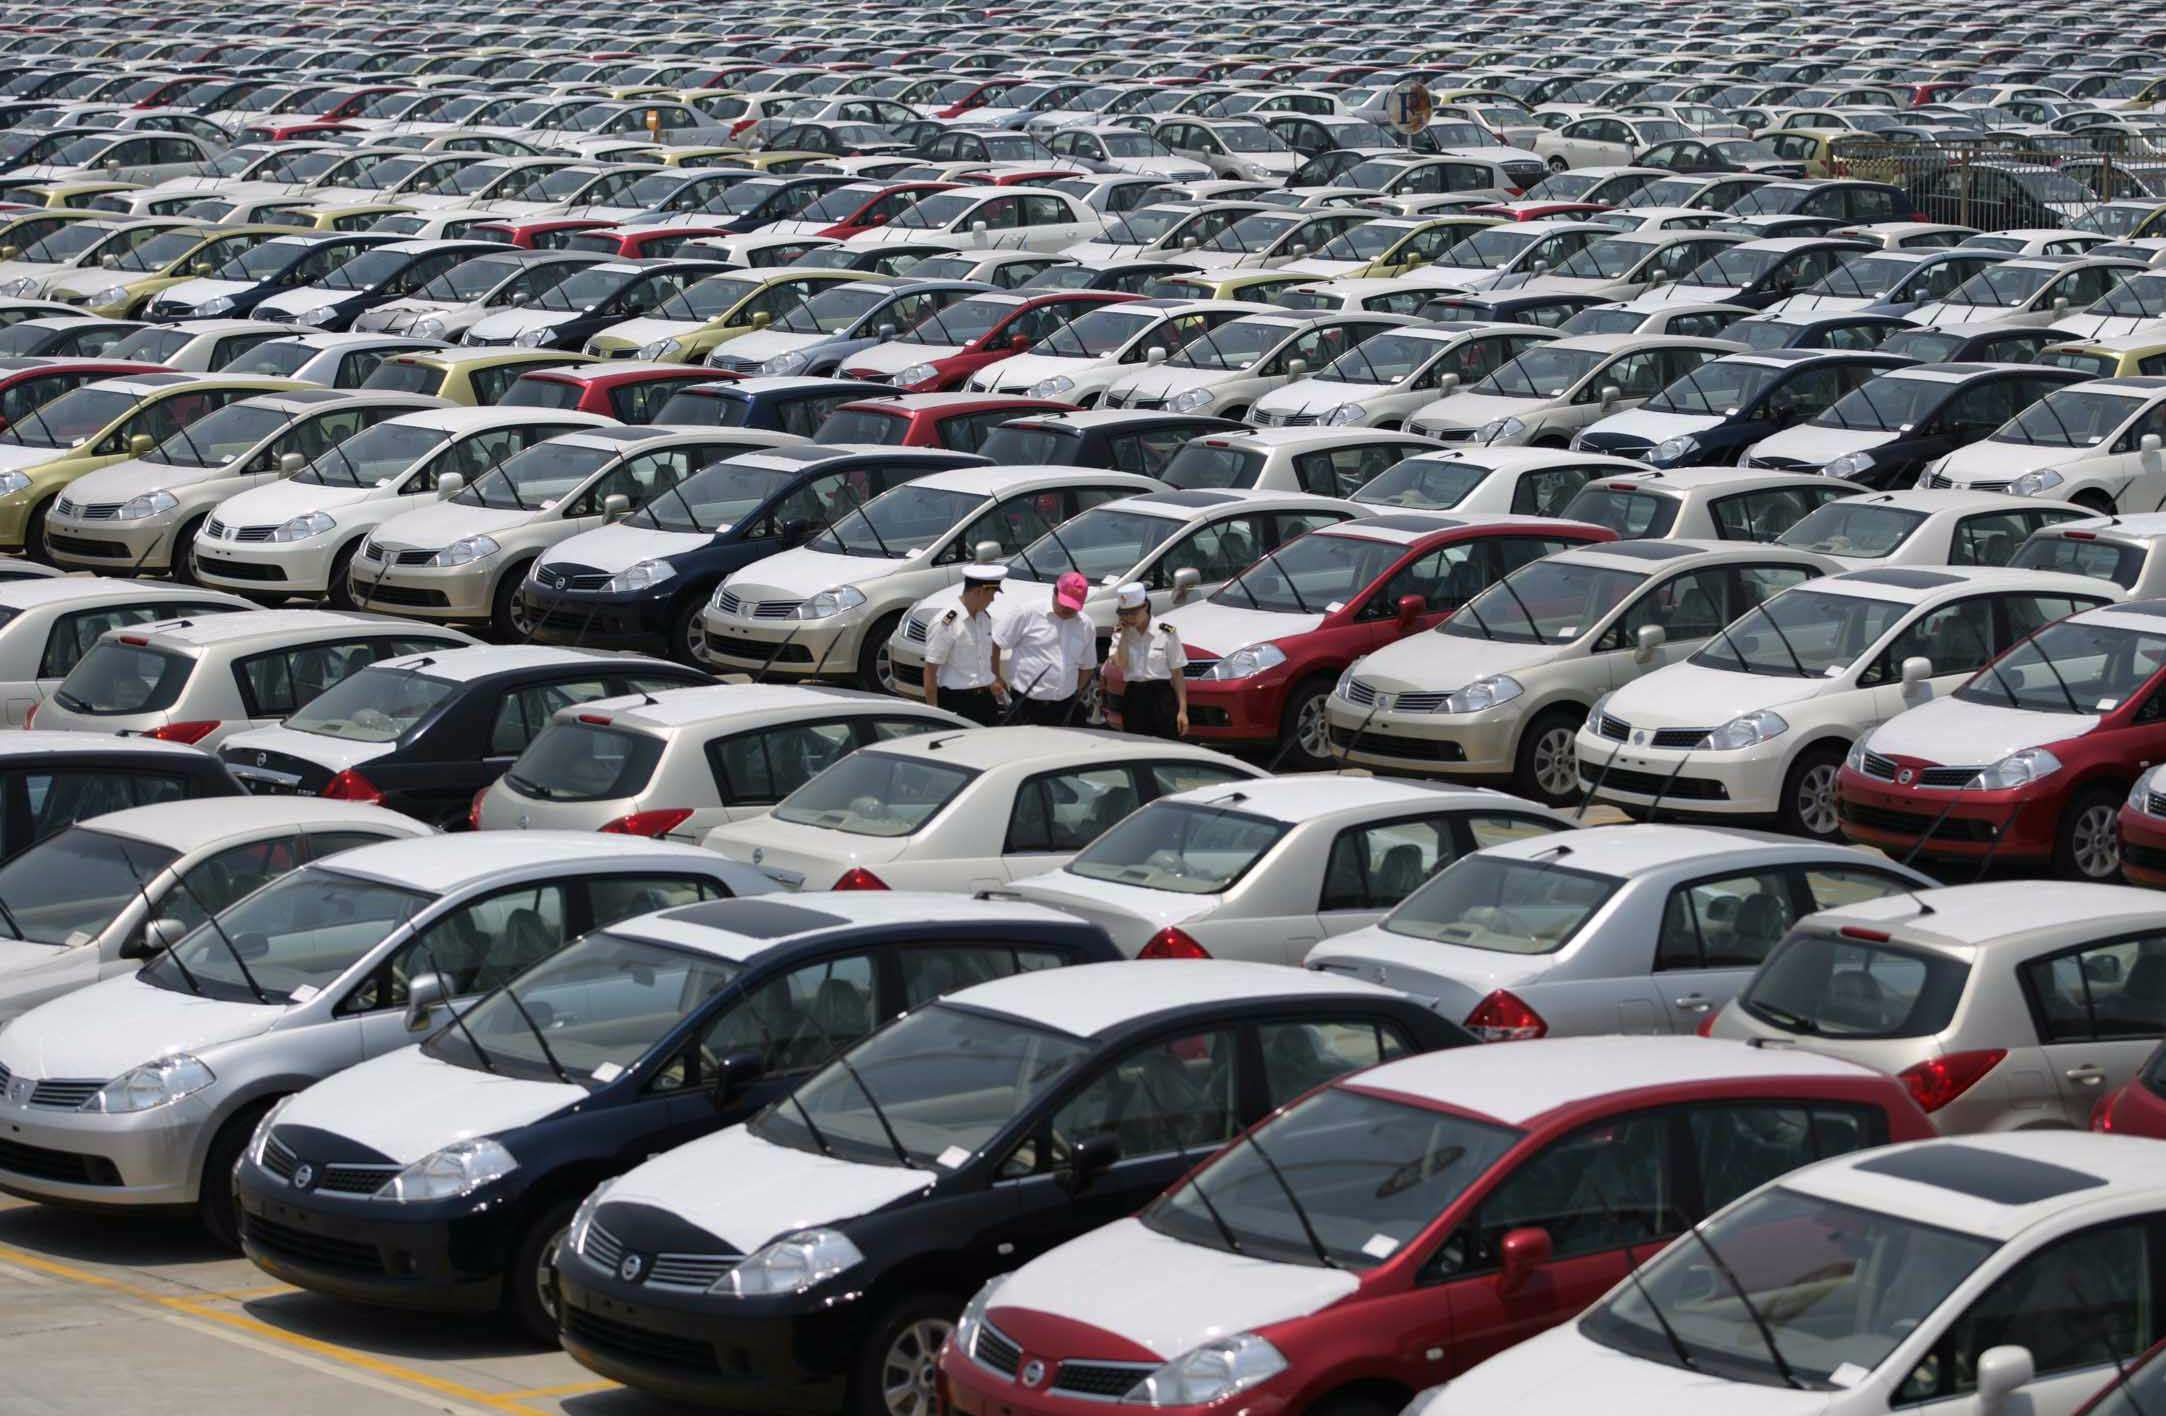 汽车消费风口现转向:SUV增速首次大幅低于轿车